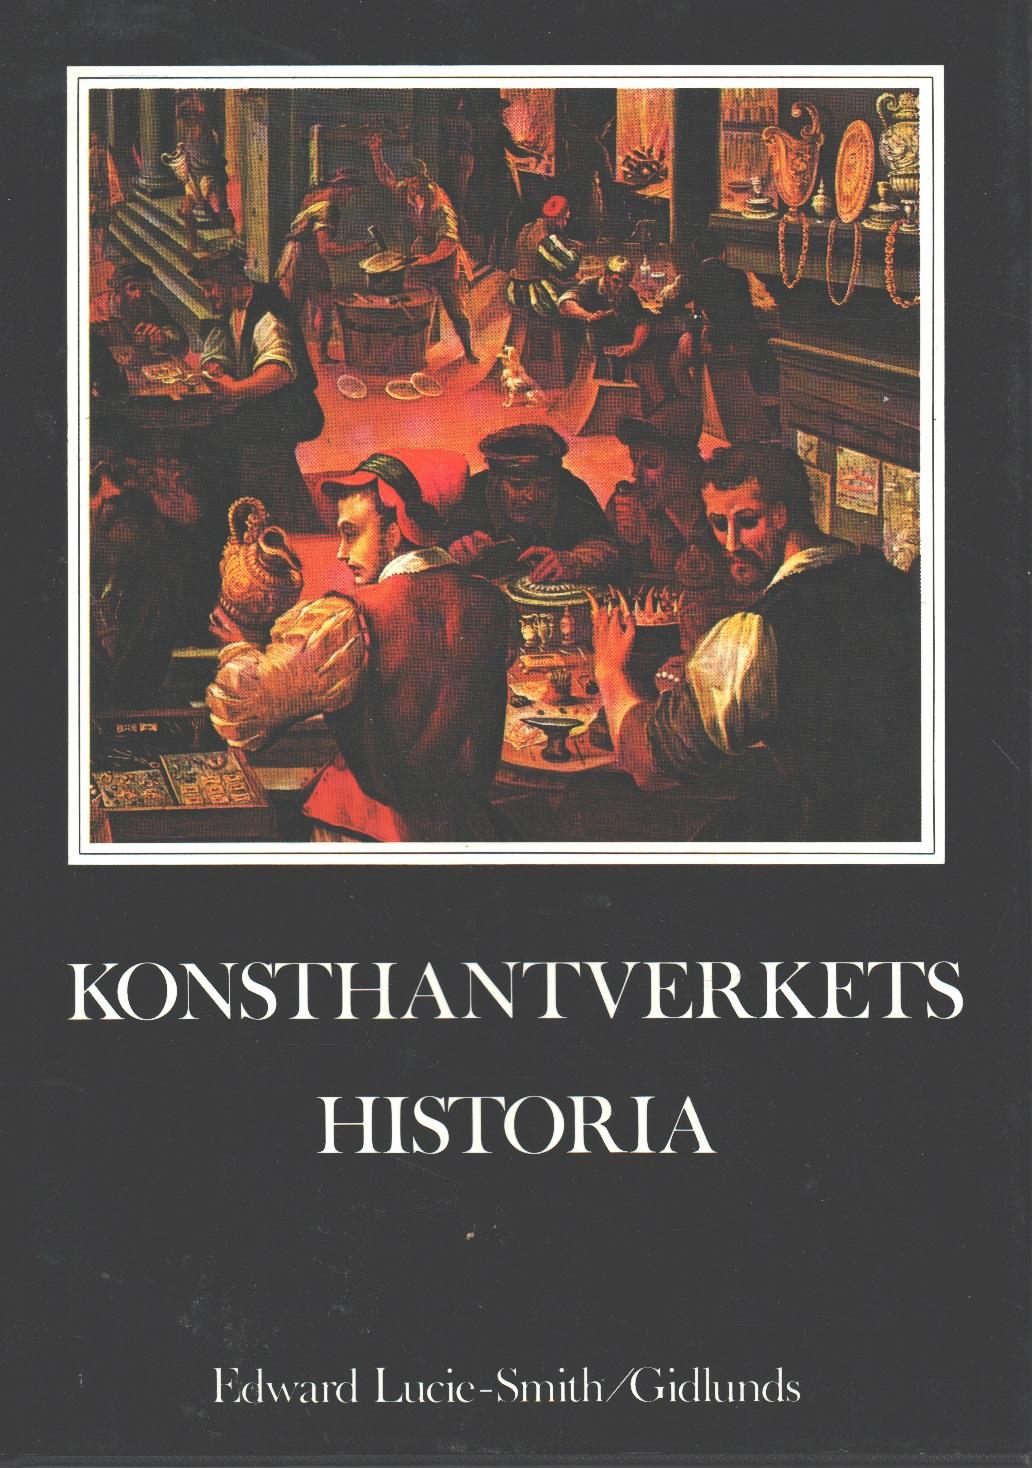 Konsthantverkets historia : konsthantverkarens roll i samhället - Lucie-Smith, Edward